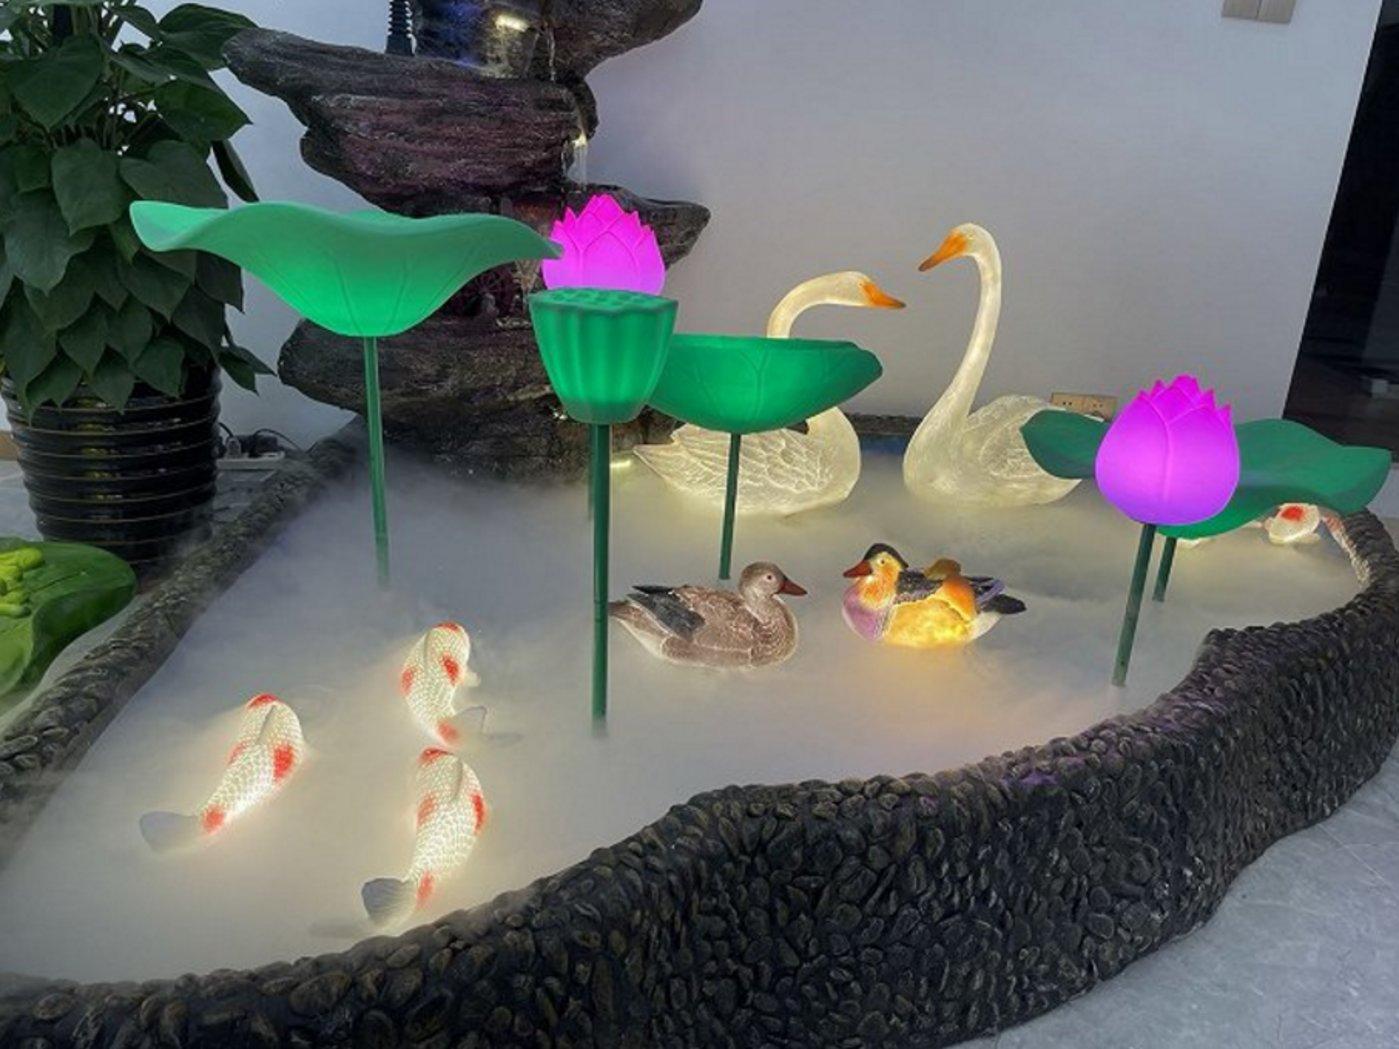 戈雅光电的户外灯饰产品。拍摄:徐诗琪